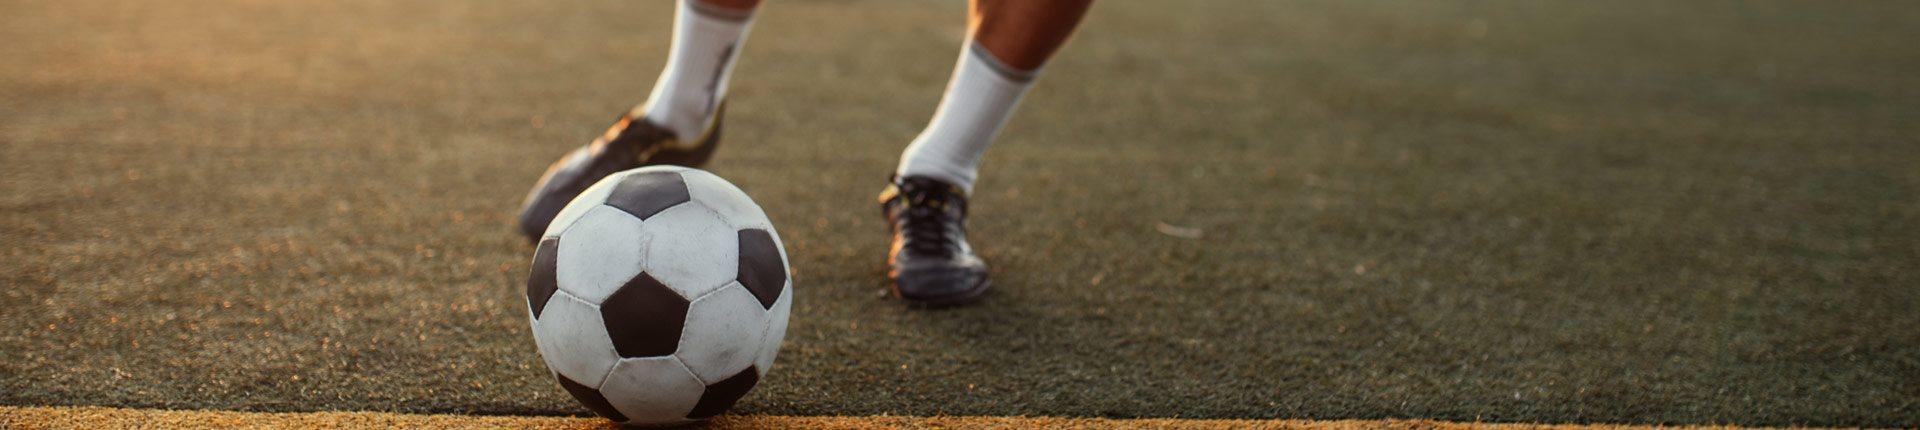 Węglowodany zwiększają wydolność piłkarzy w trakcie interwałów